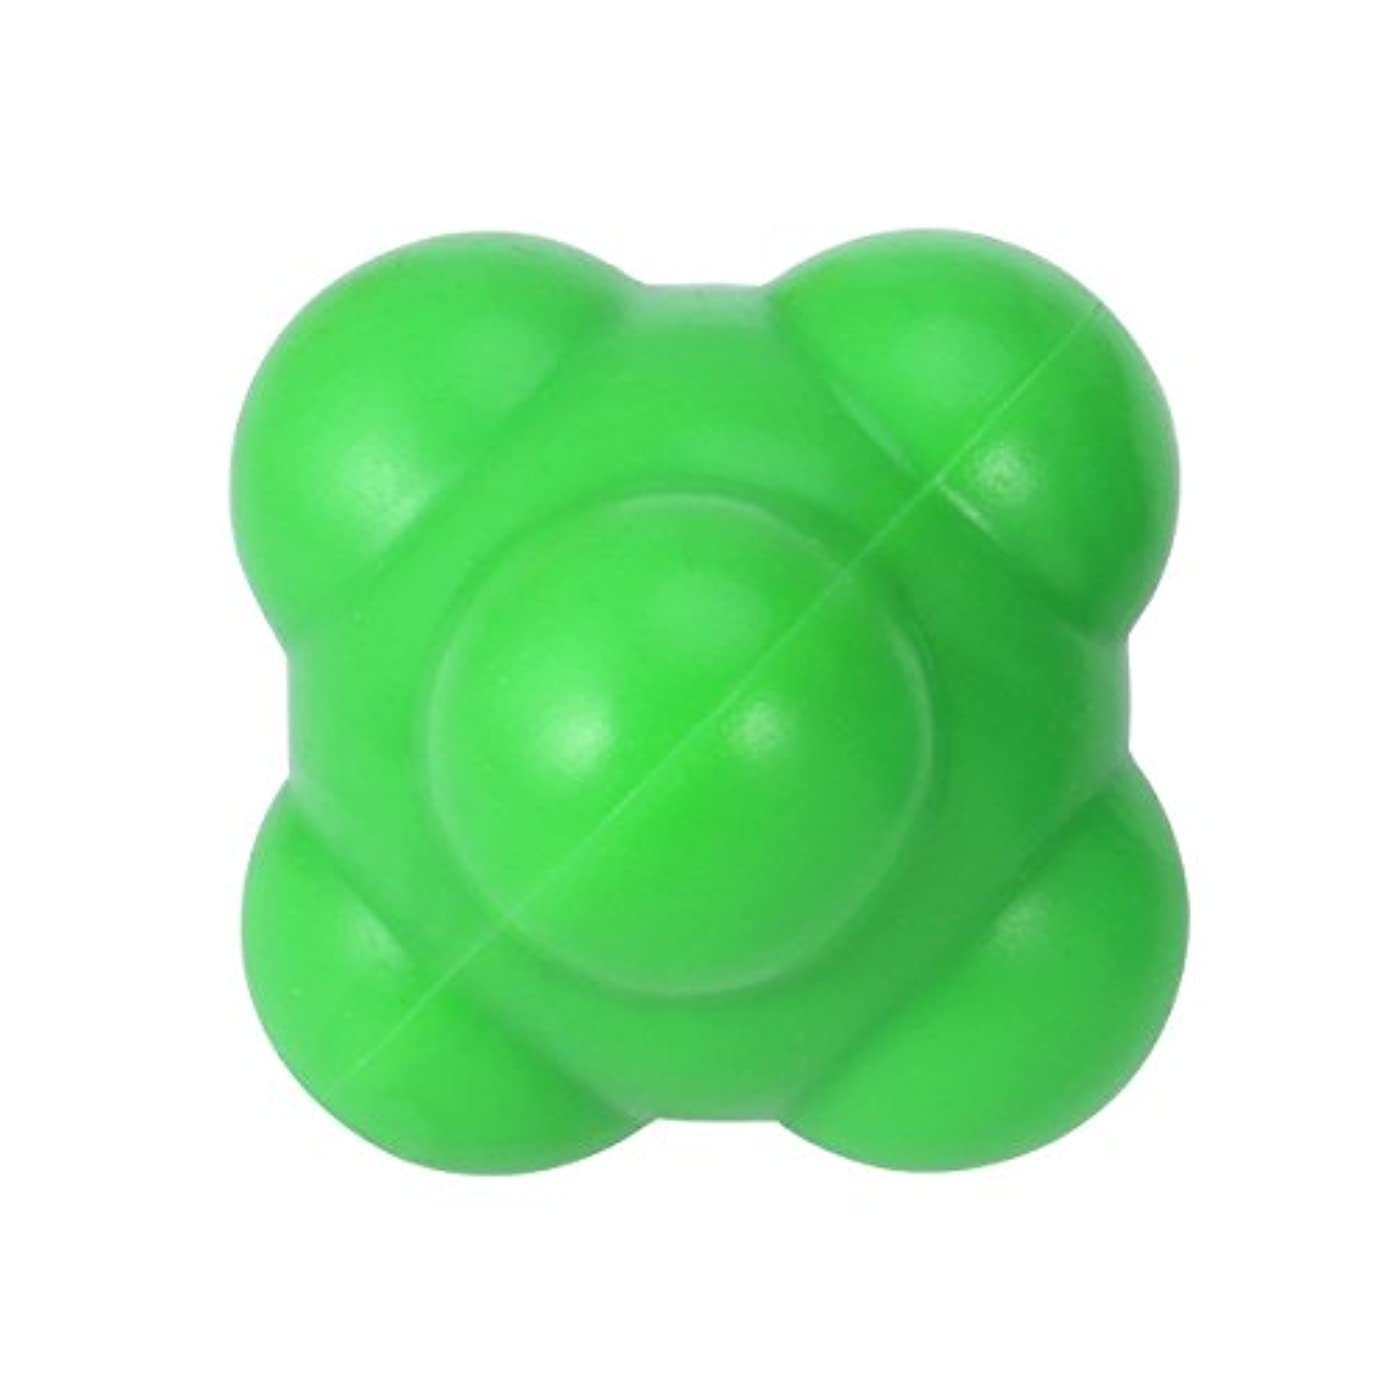 ジャンク一貫したチキンSUPVOX 反応ボール 敏捷性とスピードハンドアイ調整(グリーン)